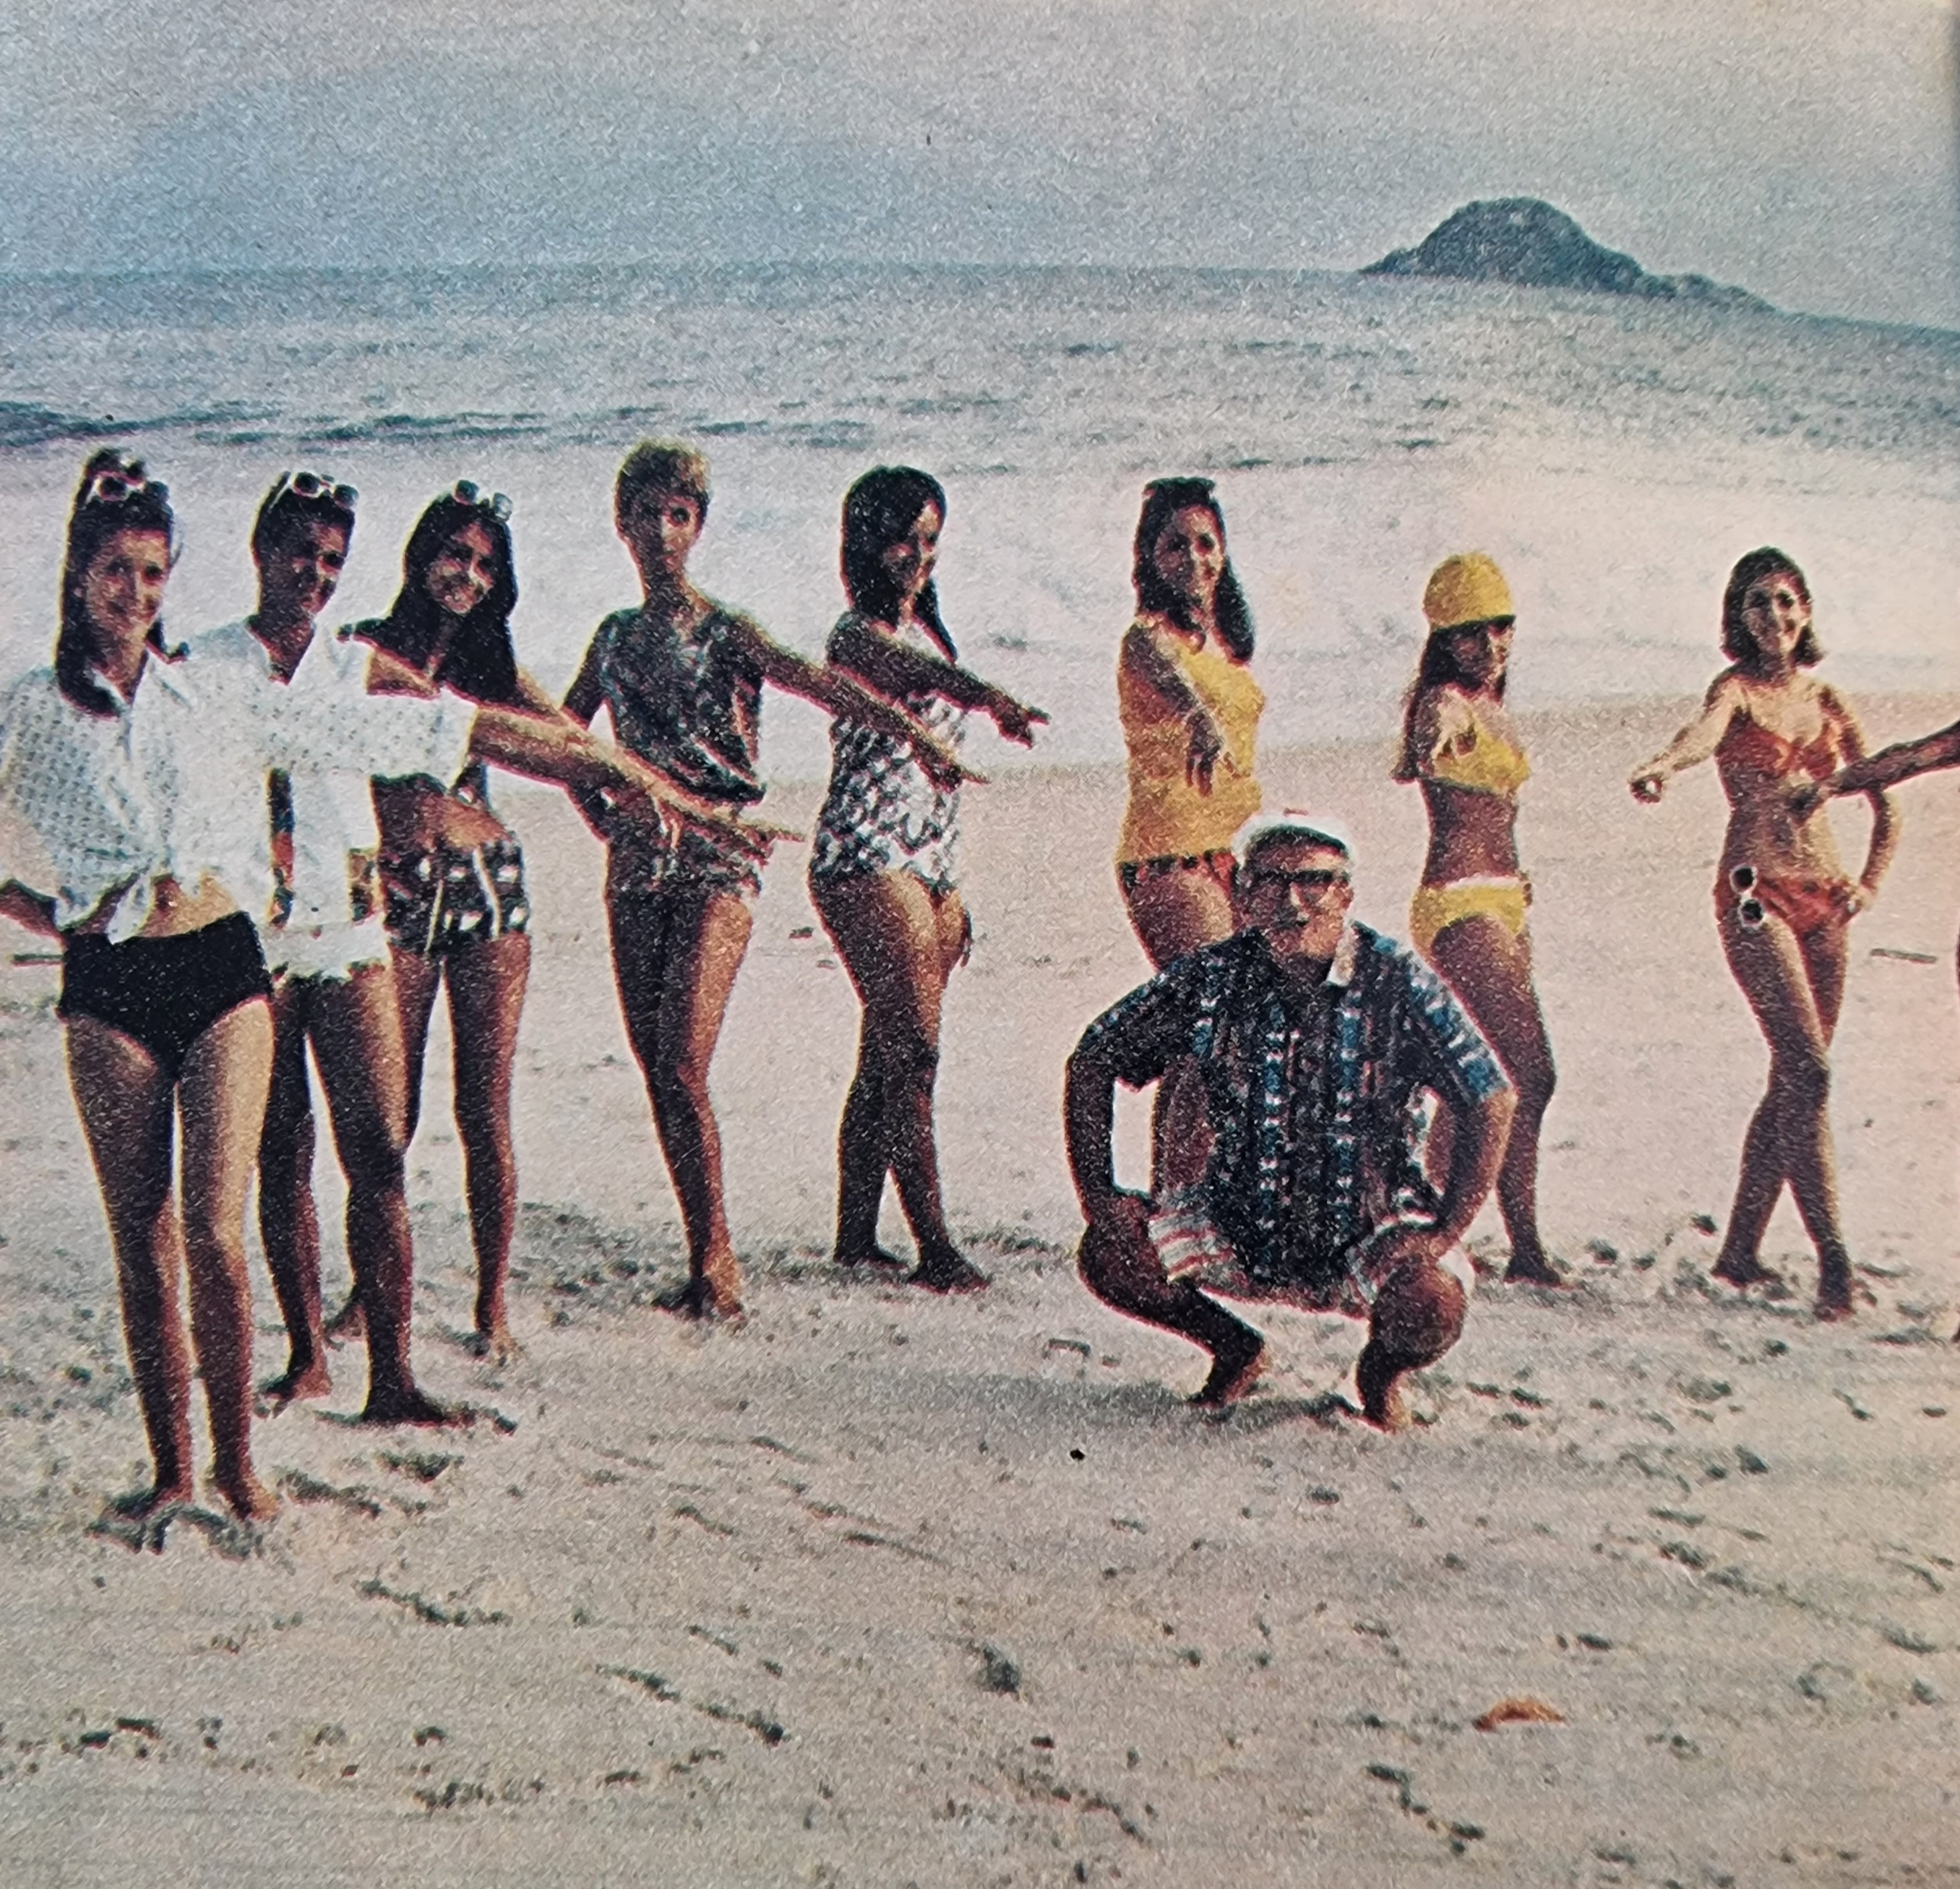 Chacrinha 'descendo até o chão' em praia no Rio de Janeiro